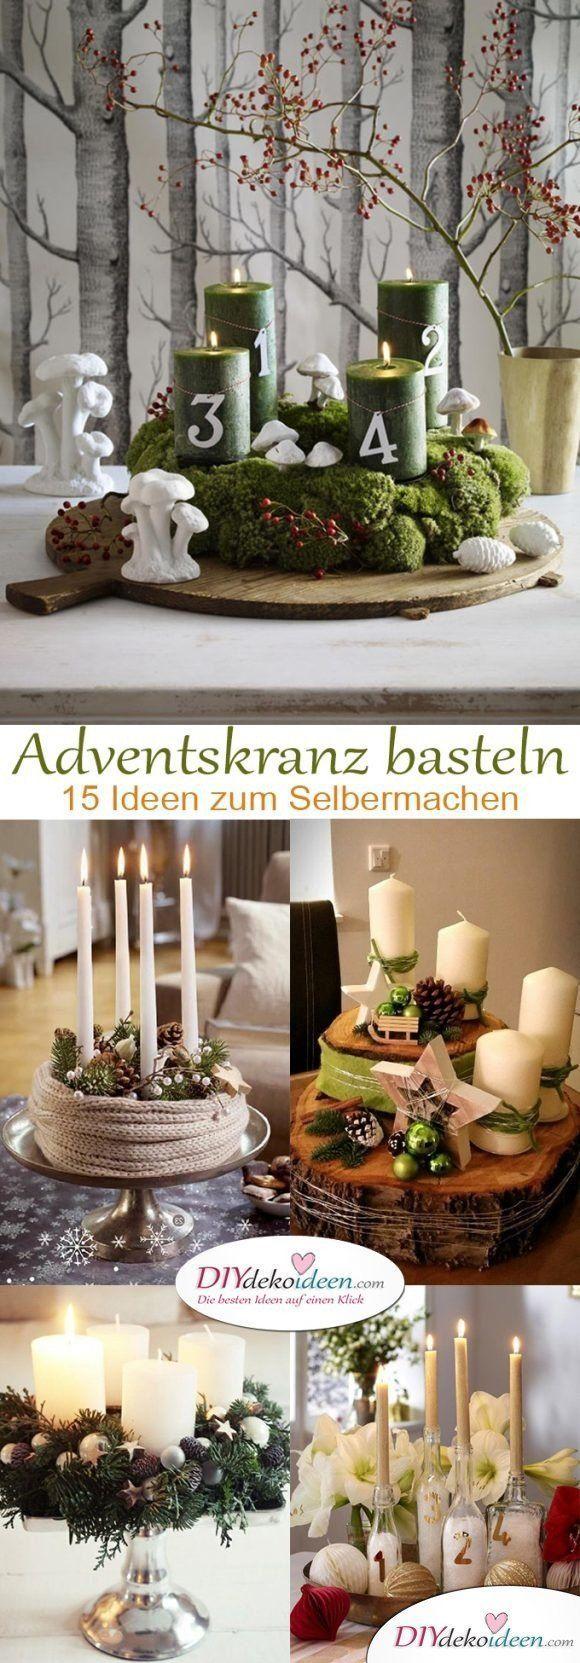 DIY Bastelideen – Adventskranz basteln in der Vorweihnachtszeit #diybirthdaydeco…